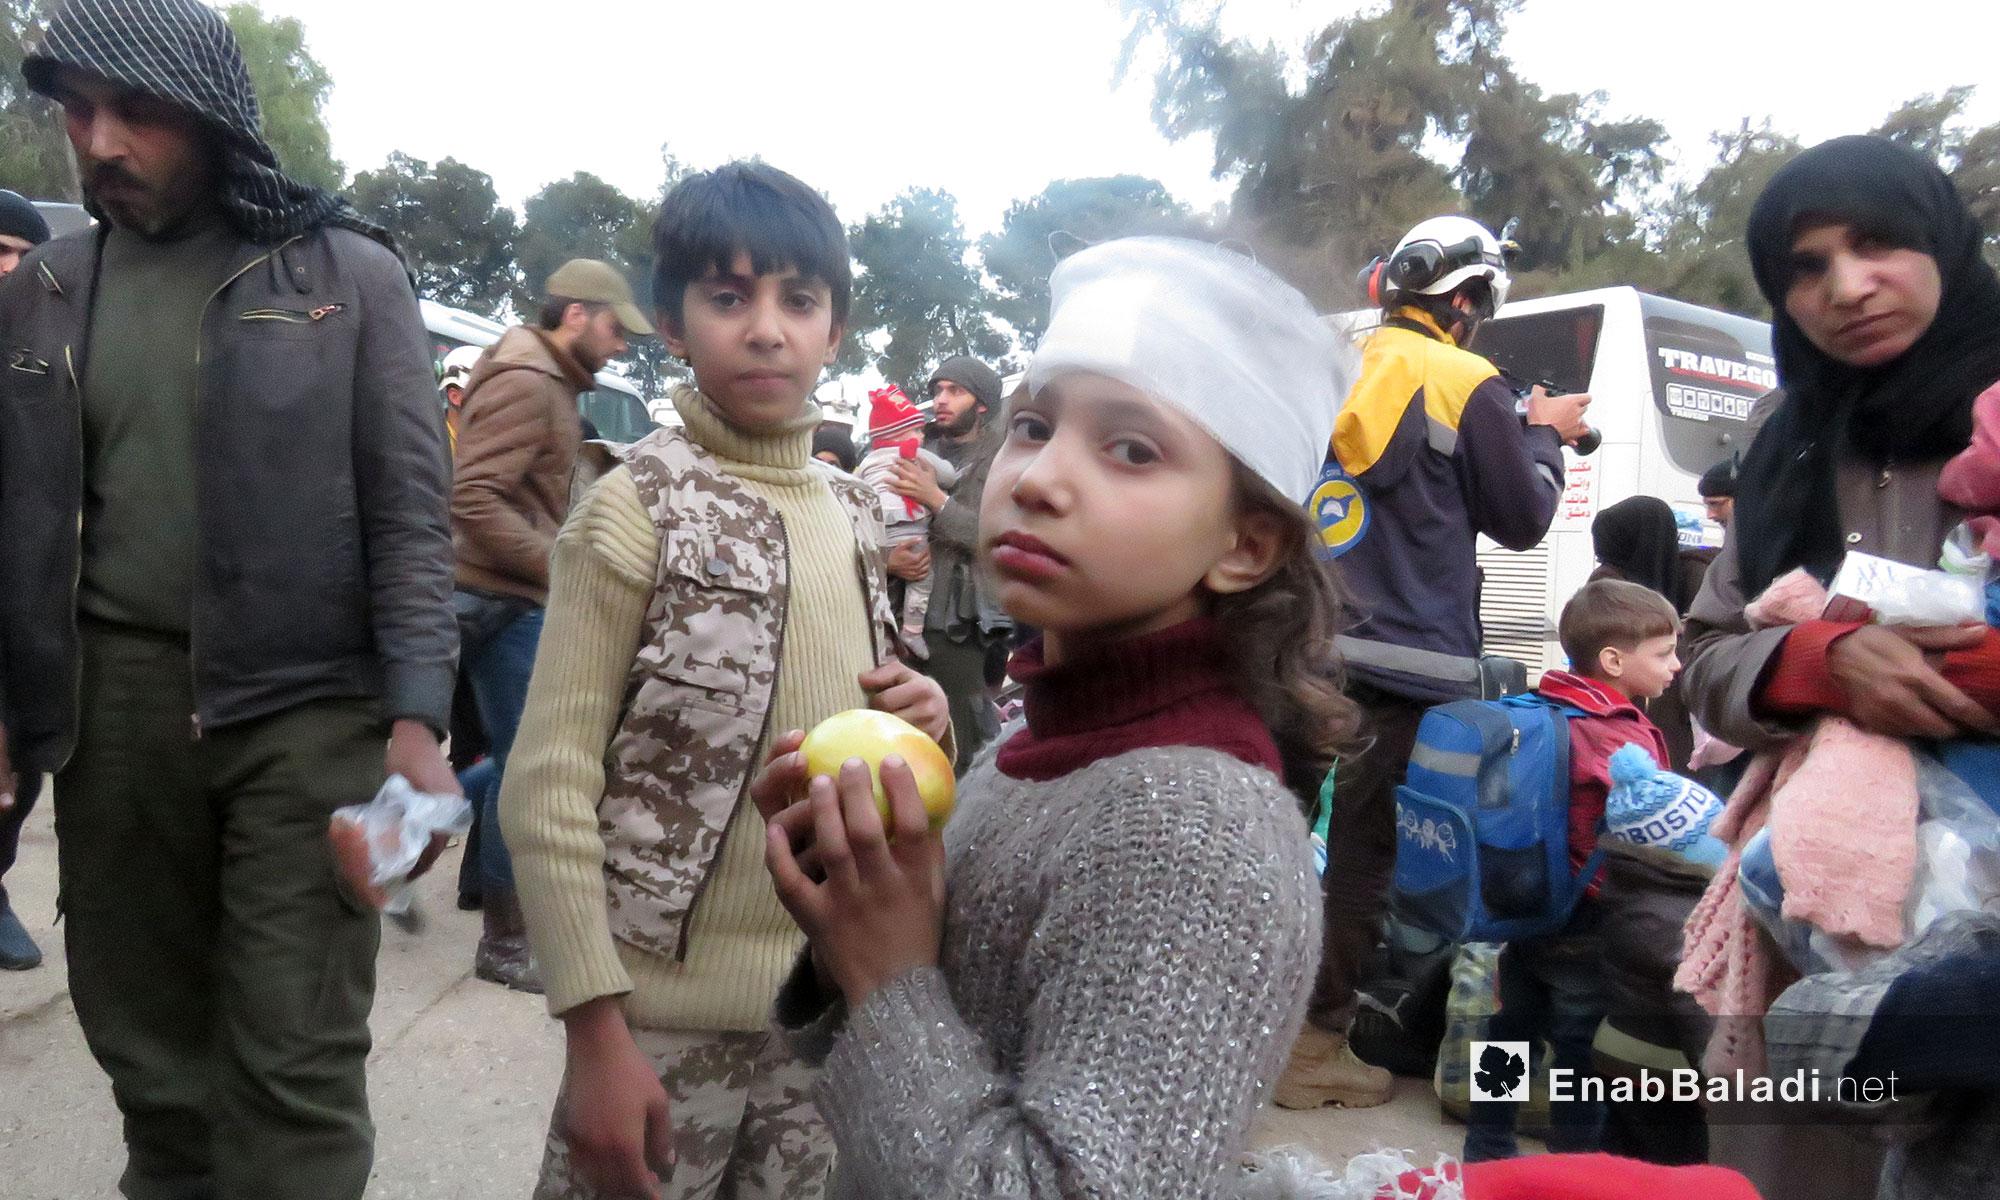 أطفال من أهالي حرستا لحظة وصولهم إلى قلعة المضيق بريف حماة الغربي - 23 آذار 2018 (عنب بلدي)